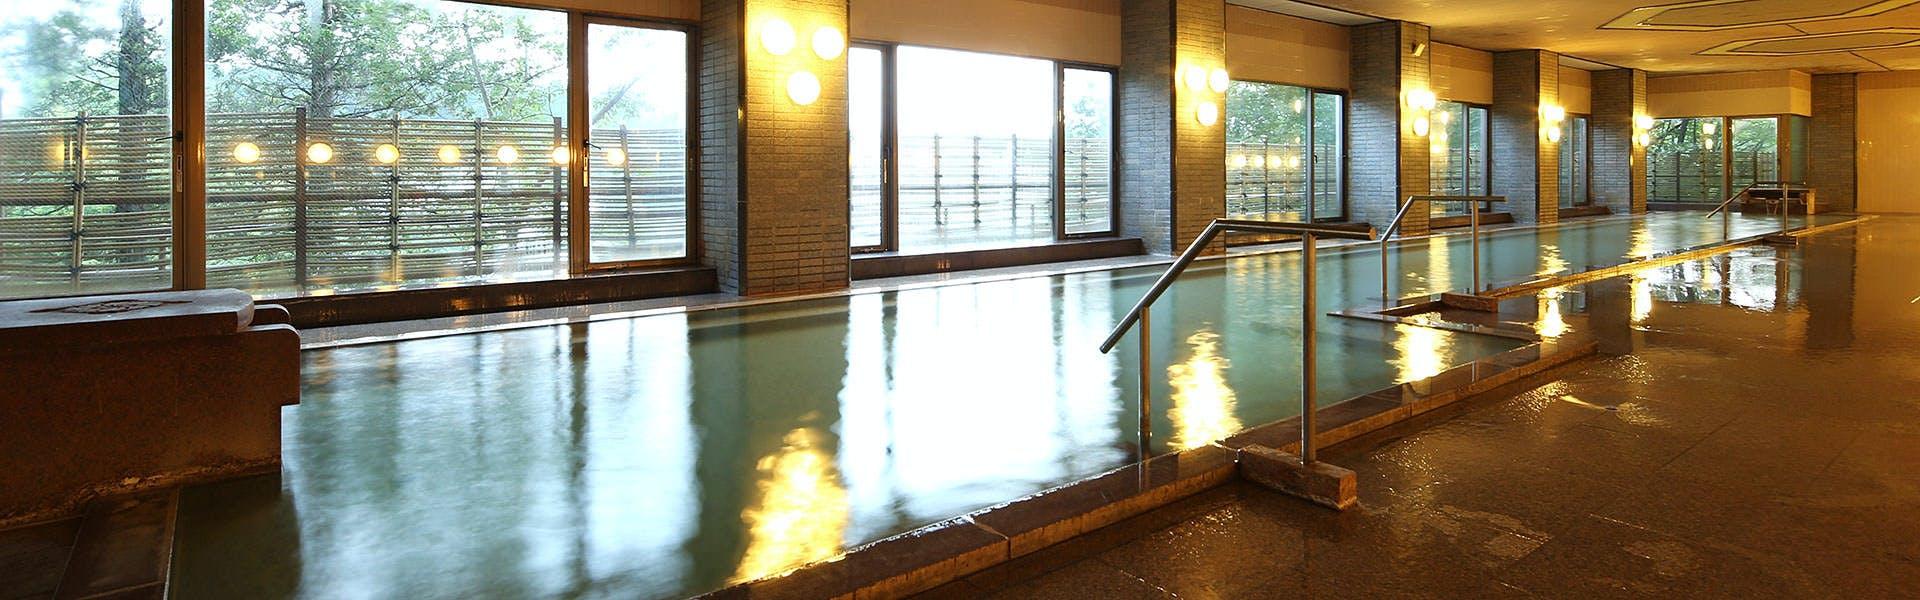 記念日におすすめのホテル・草津温泉 ホテル櫻井の写真1